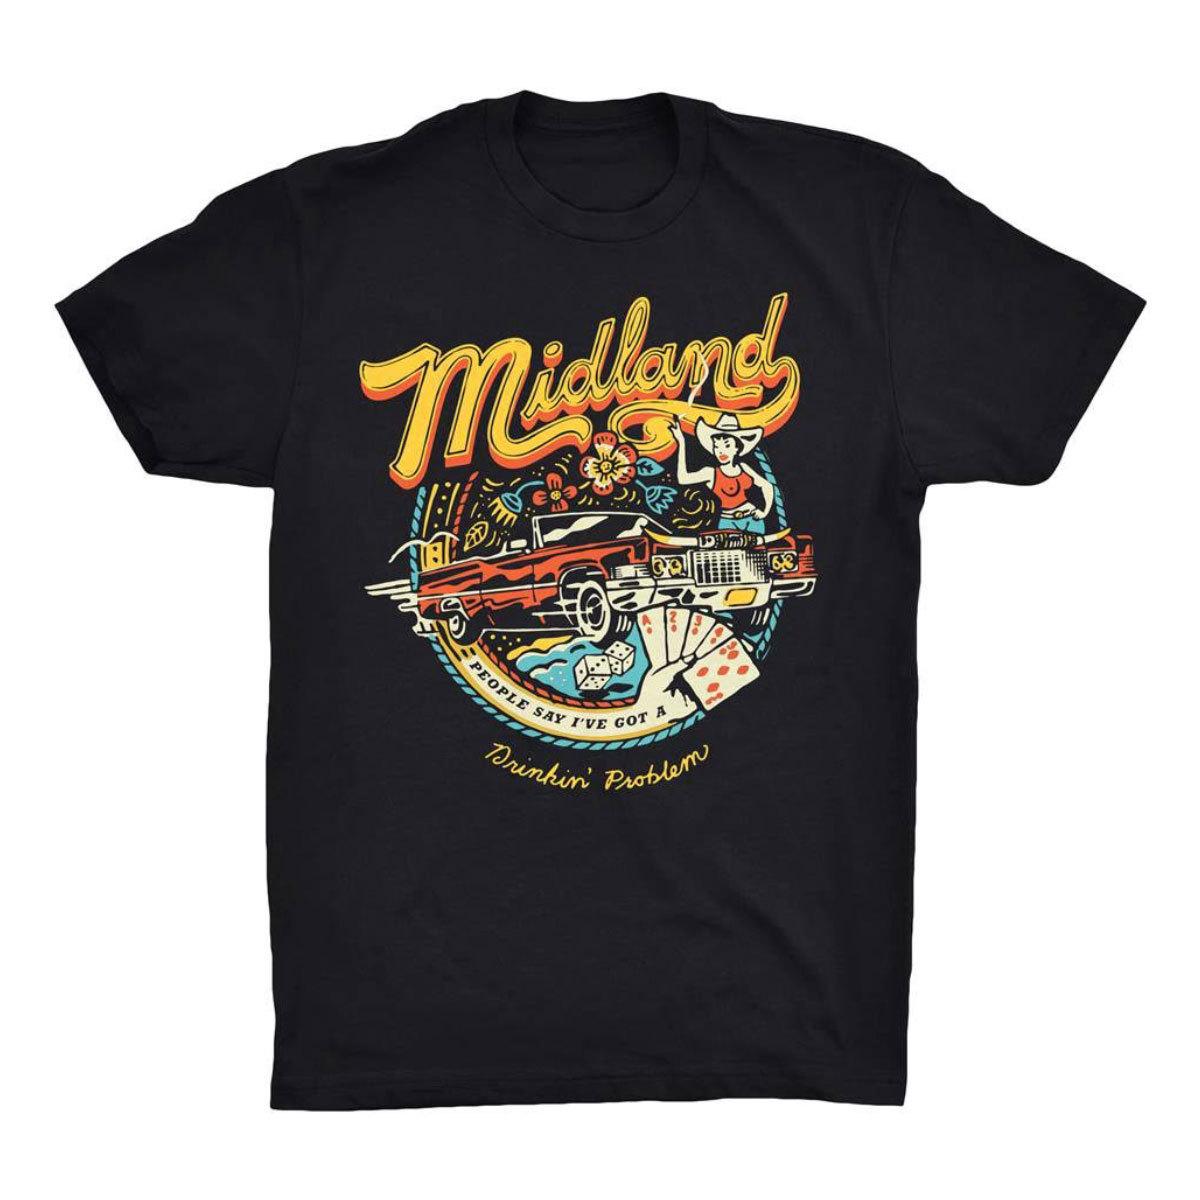 Drinkin' Problem T-Shirt